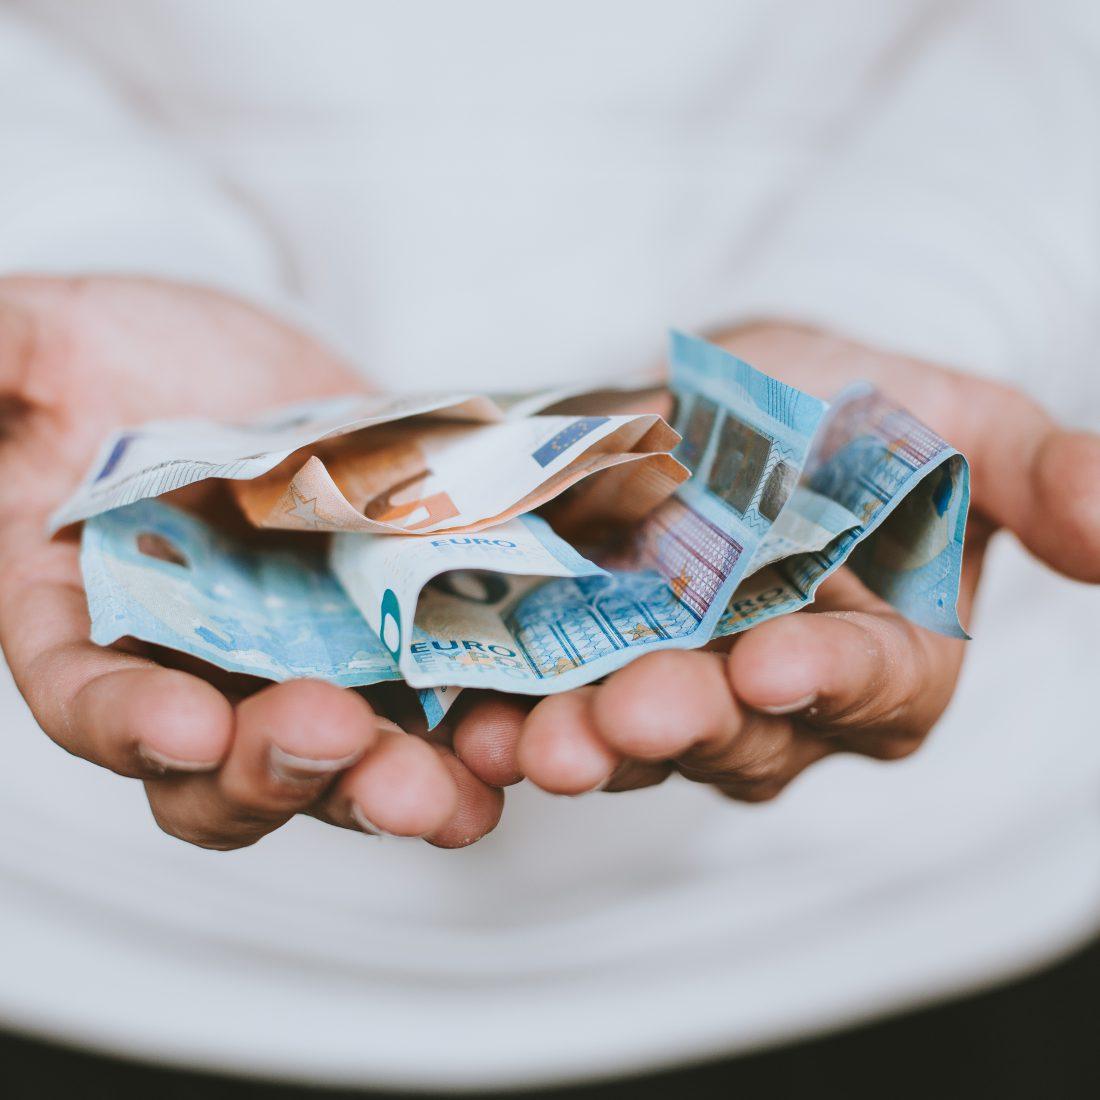 geld besparen huishouden